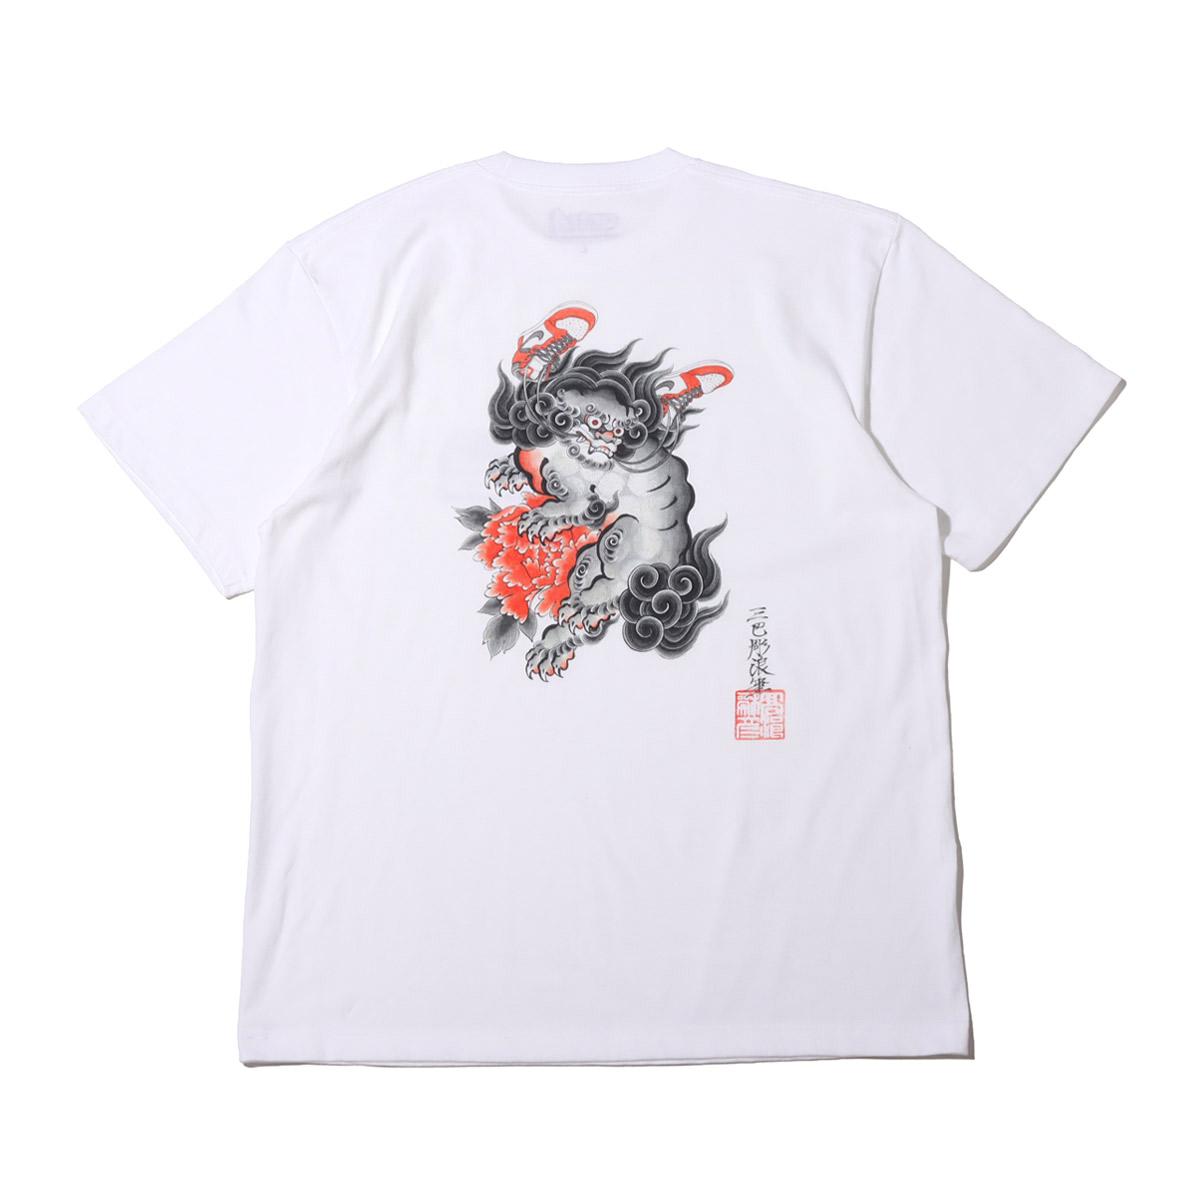 artrA(アルトラ) Tシャツ6